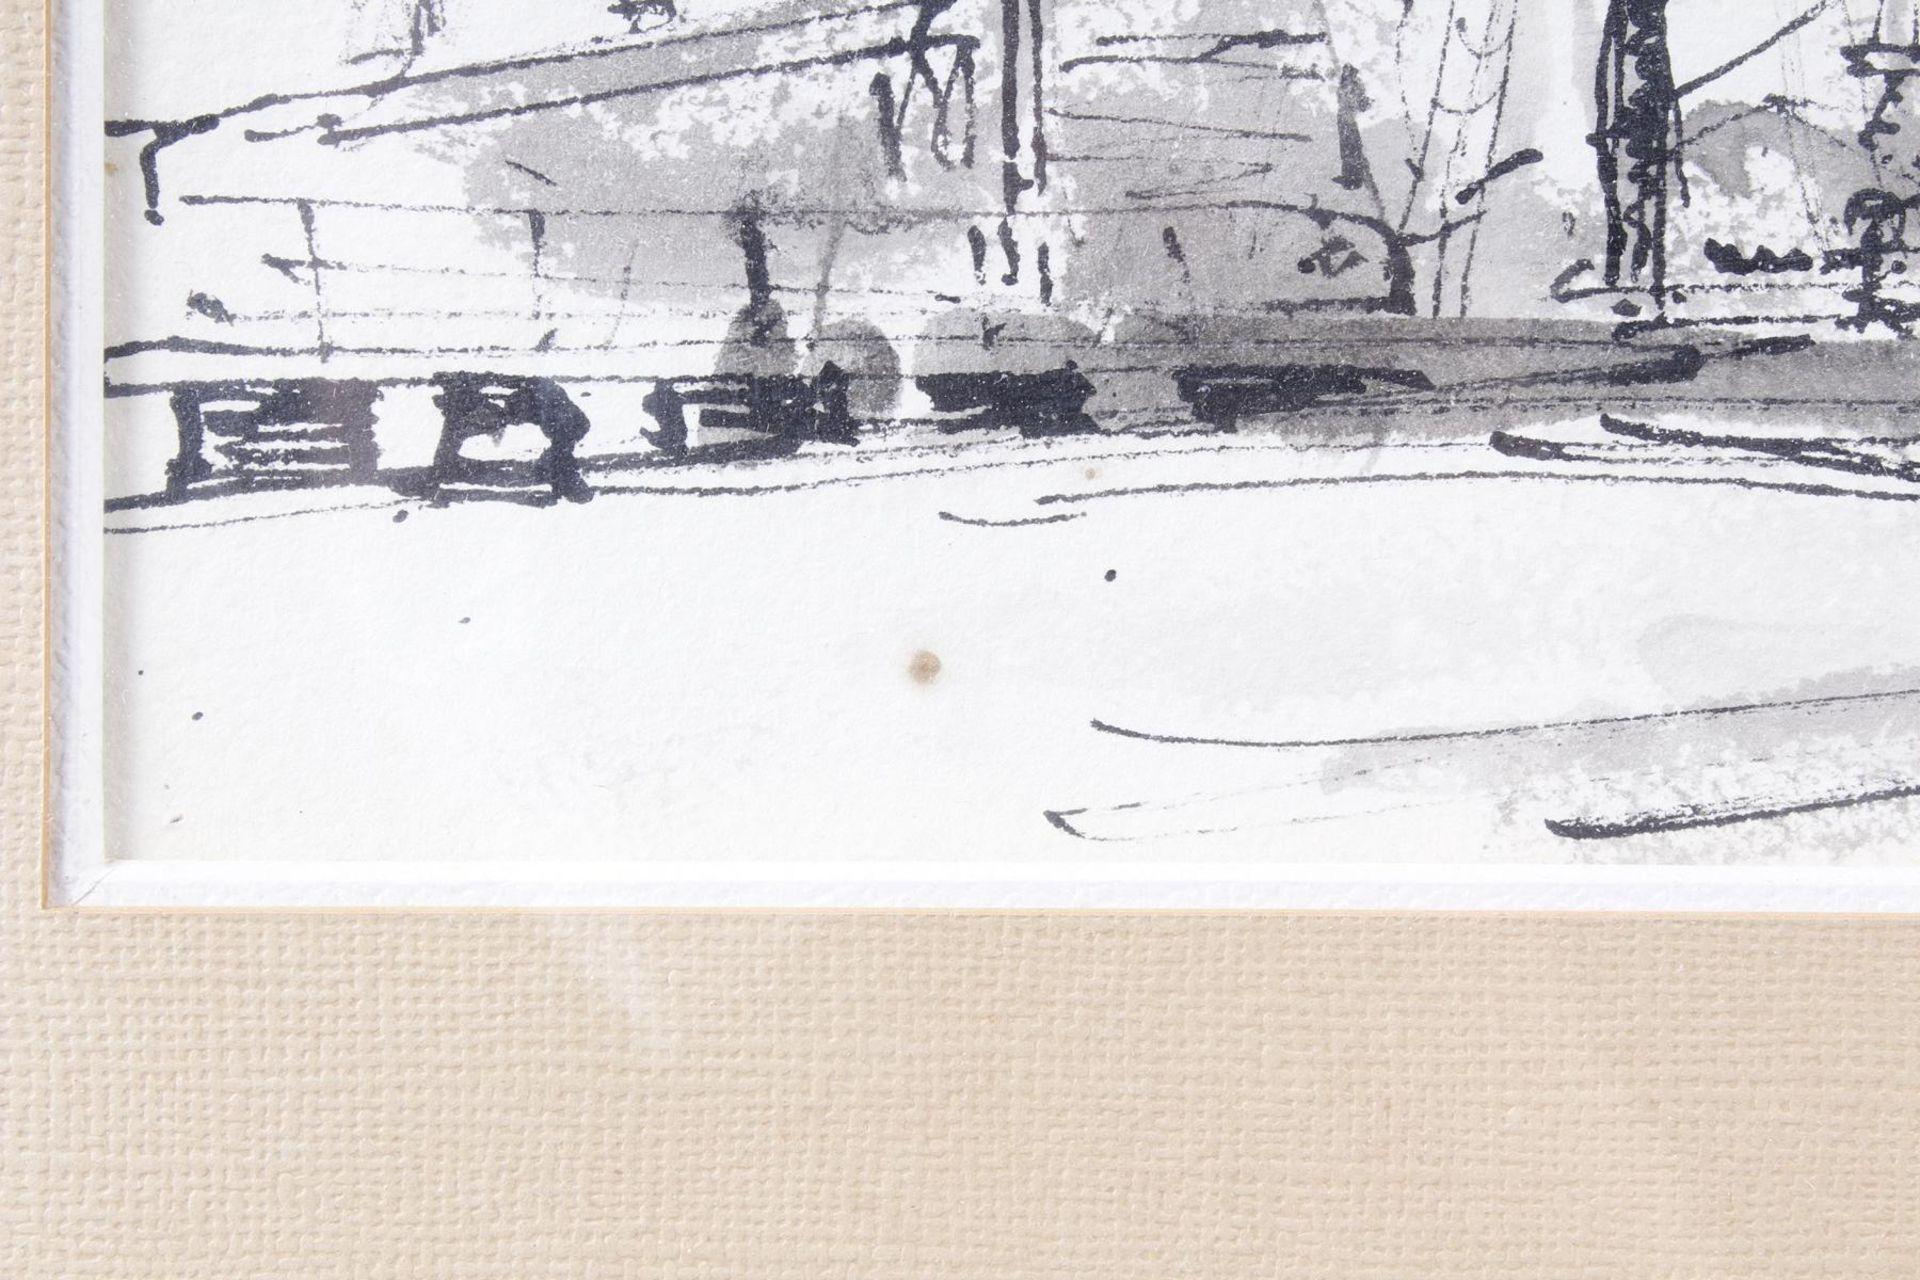 Aquarell, Hafenansicht mit Schiffen, Wilmmers 1950 - Bild 4 aus 5